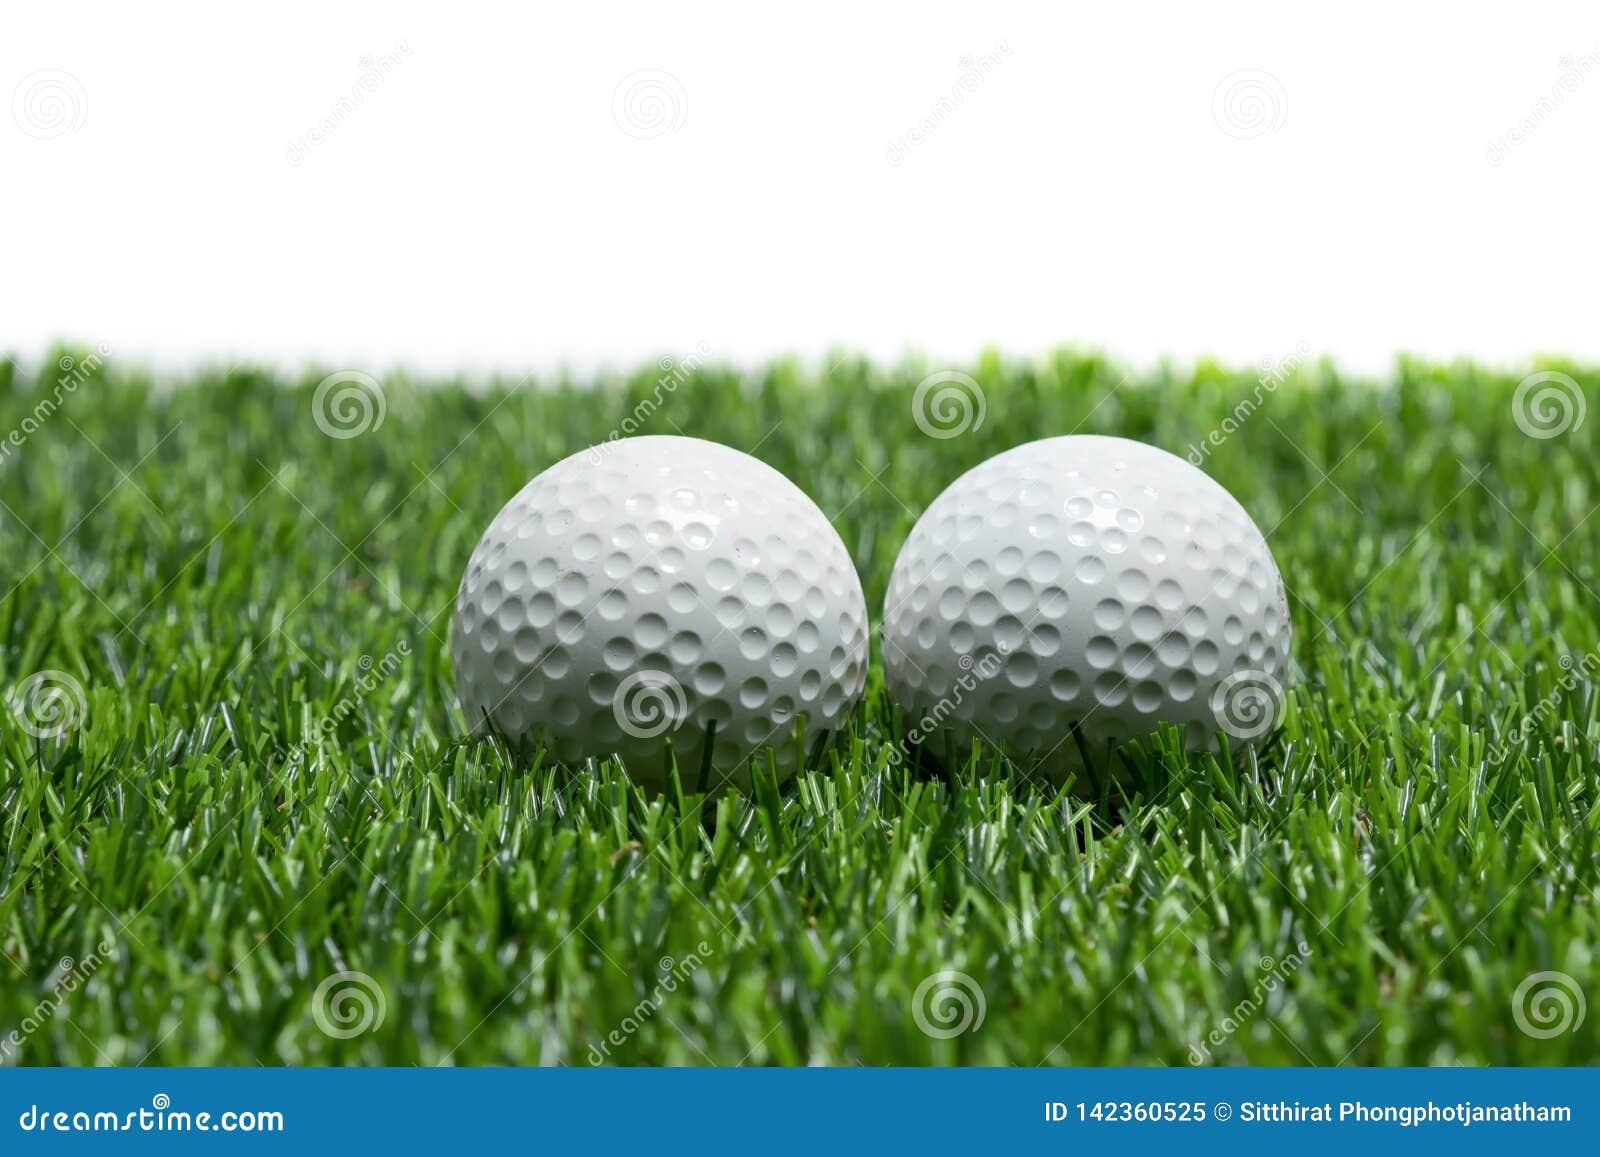 Pelota de golf en hierba en el fondo blanco